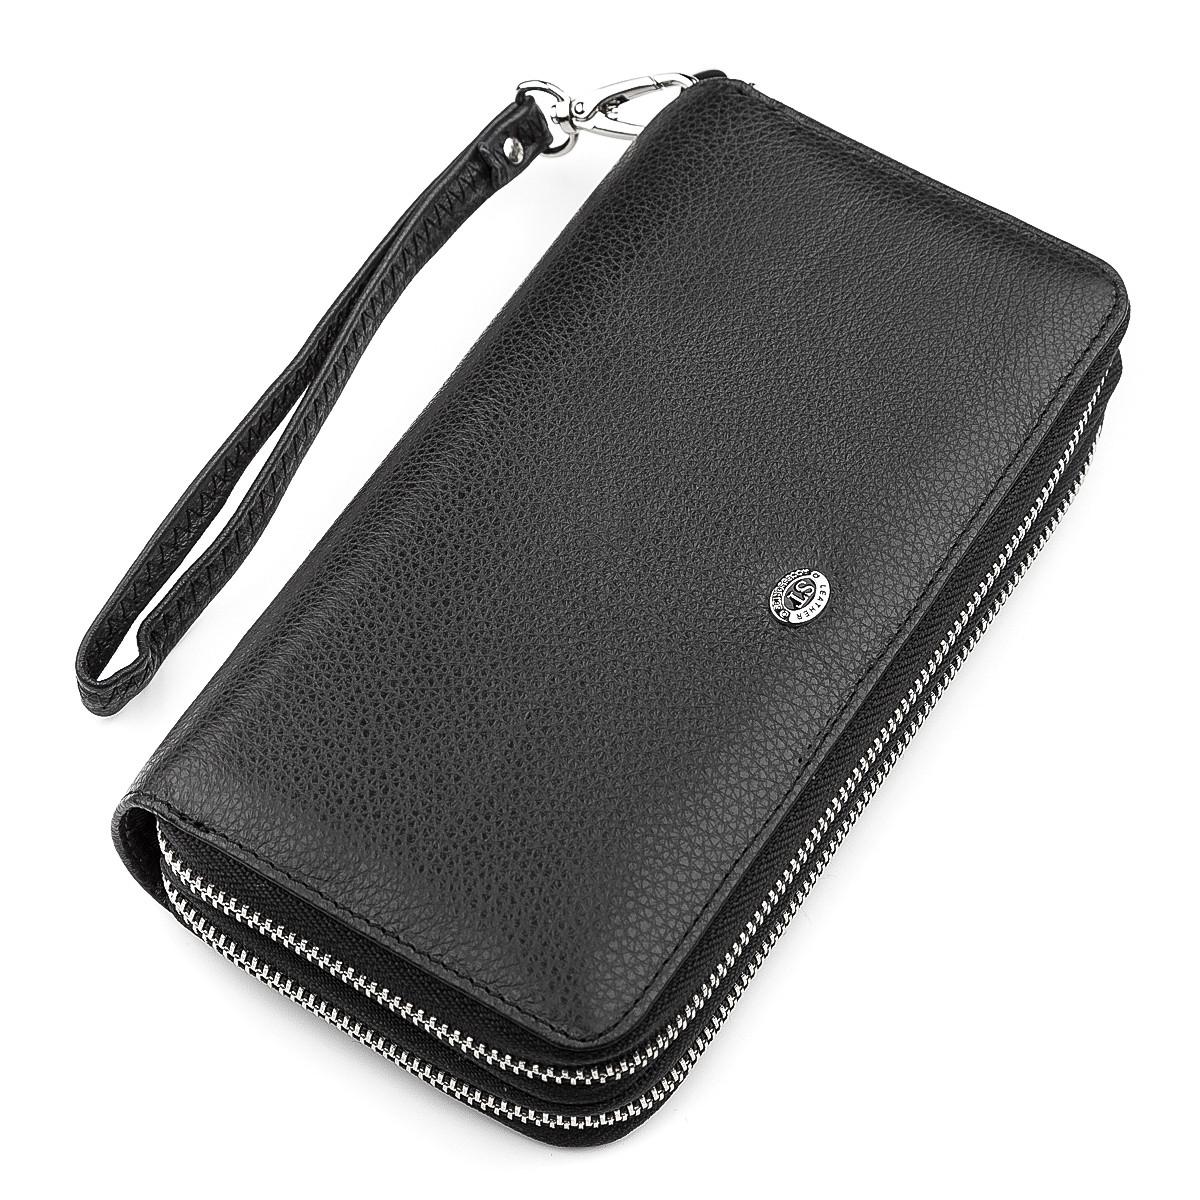 Мужской кошелек ST Leather 18451 (ST127) натуральная кожа Черный